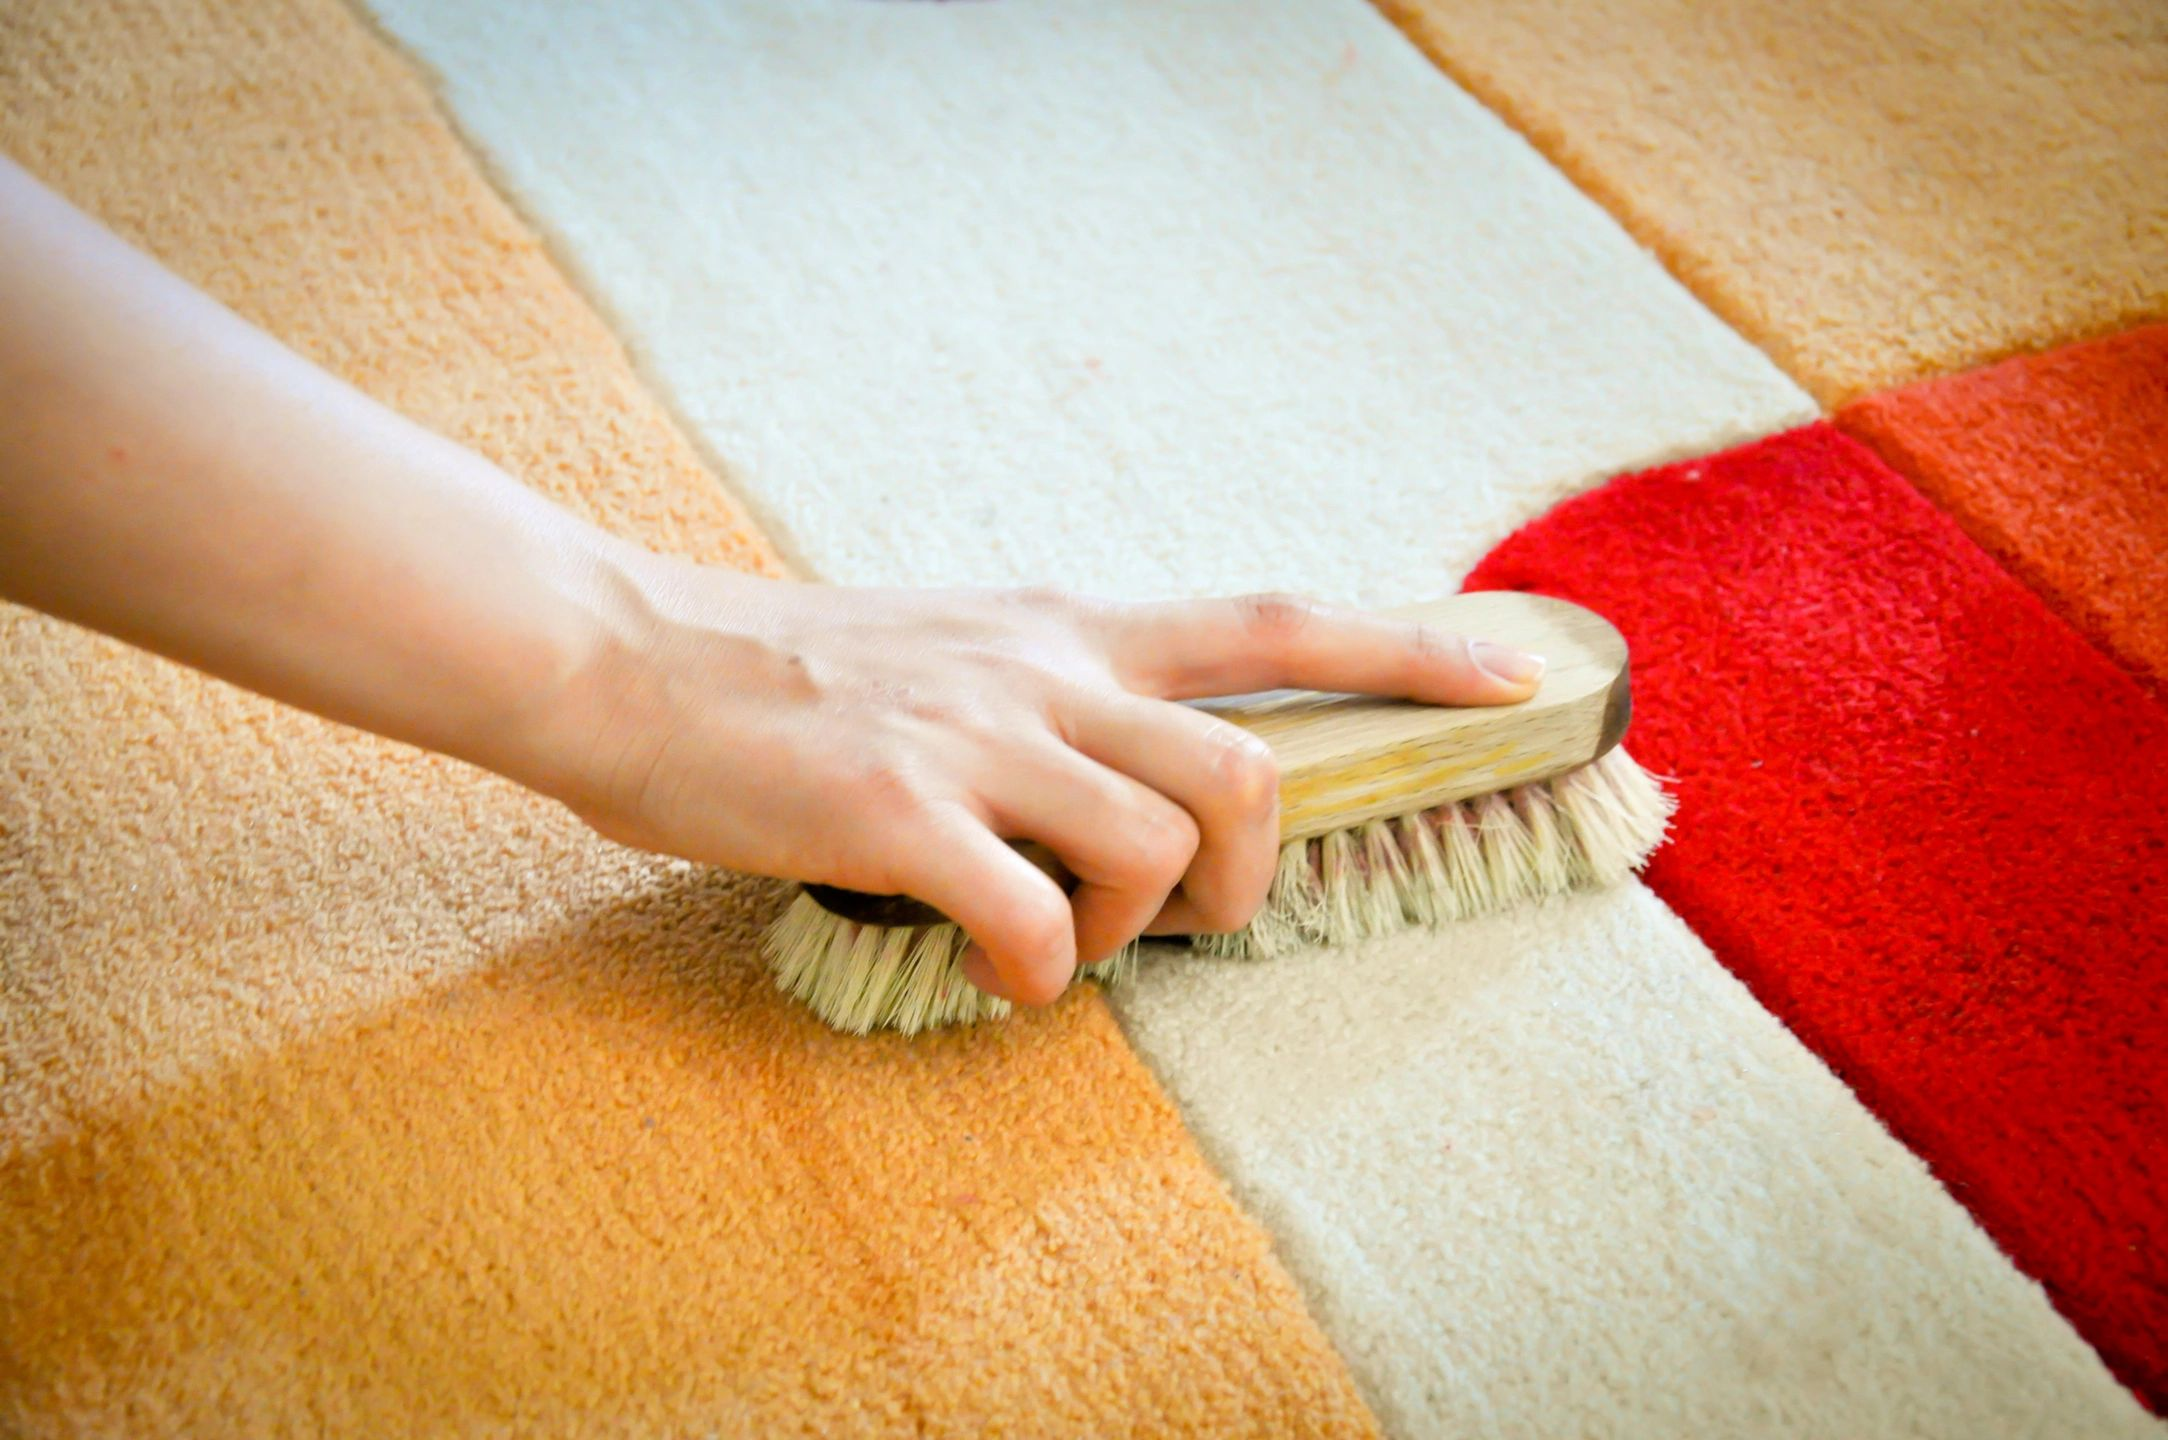 Чем почистить ковер в домашних условиях отзывы